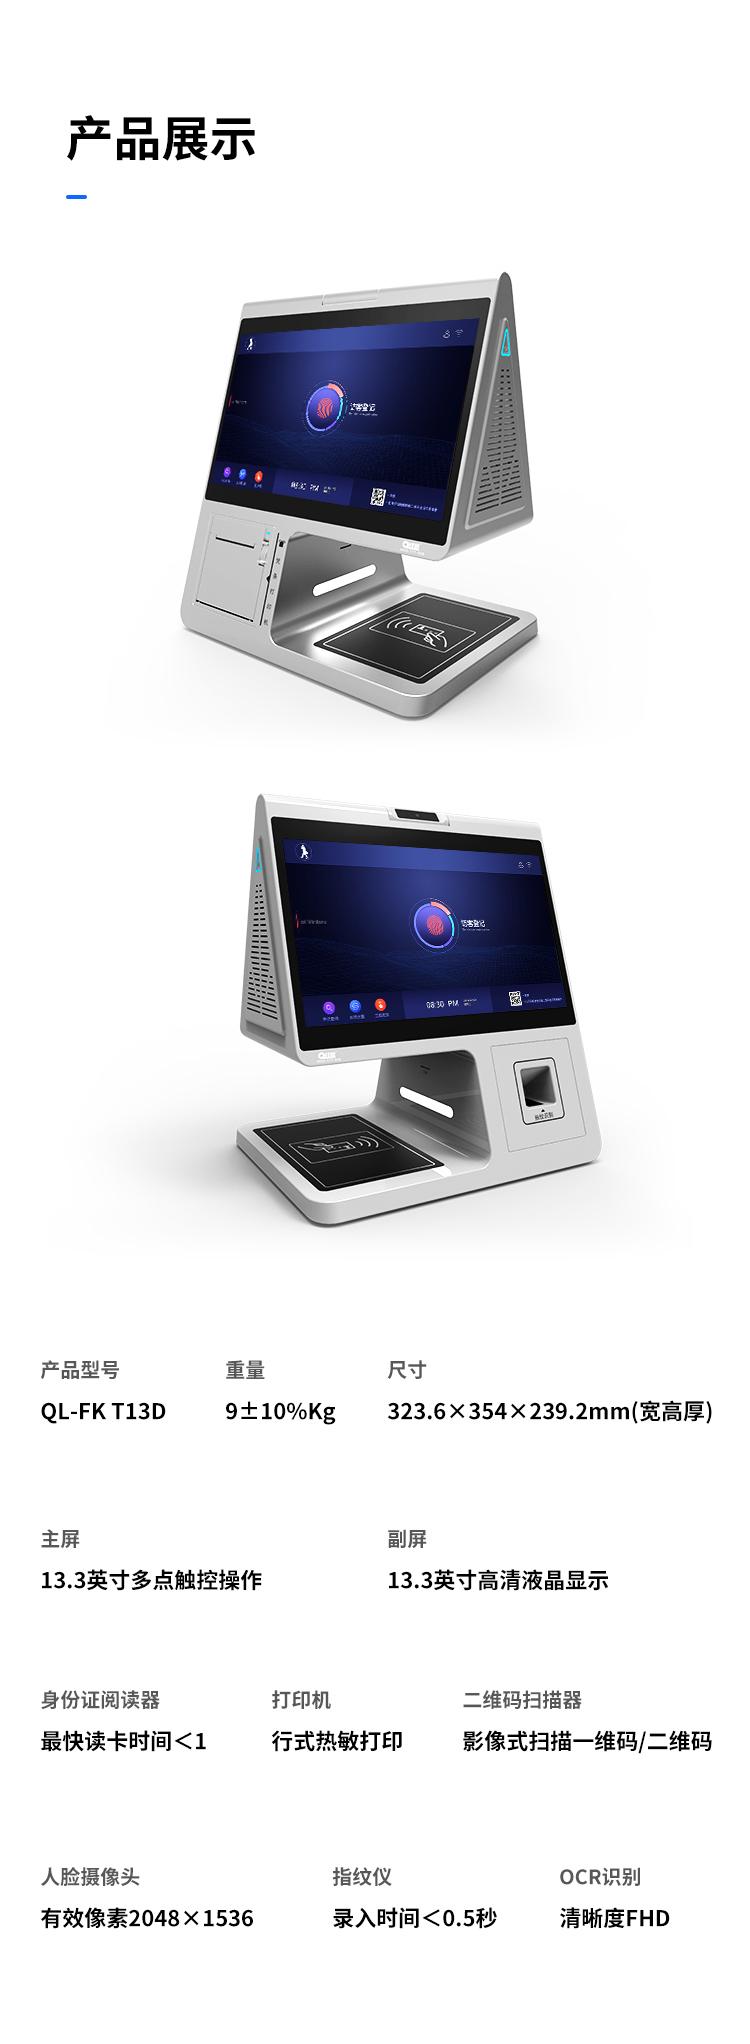 安卓版智能访客登记机 QL-FK T13D技术参数。